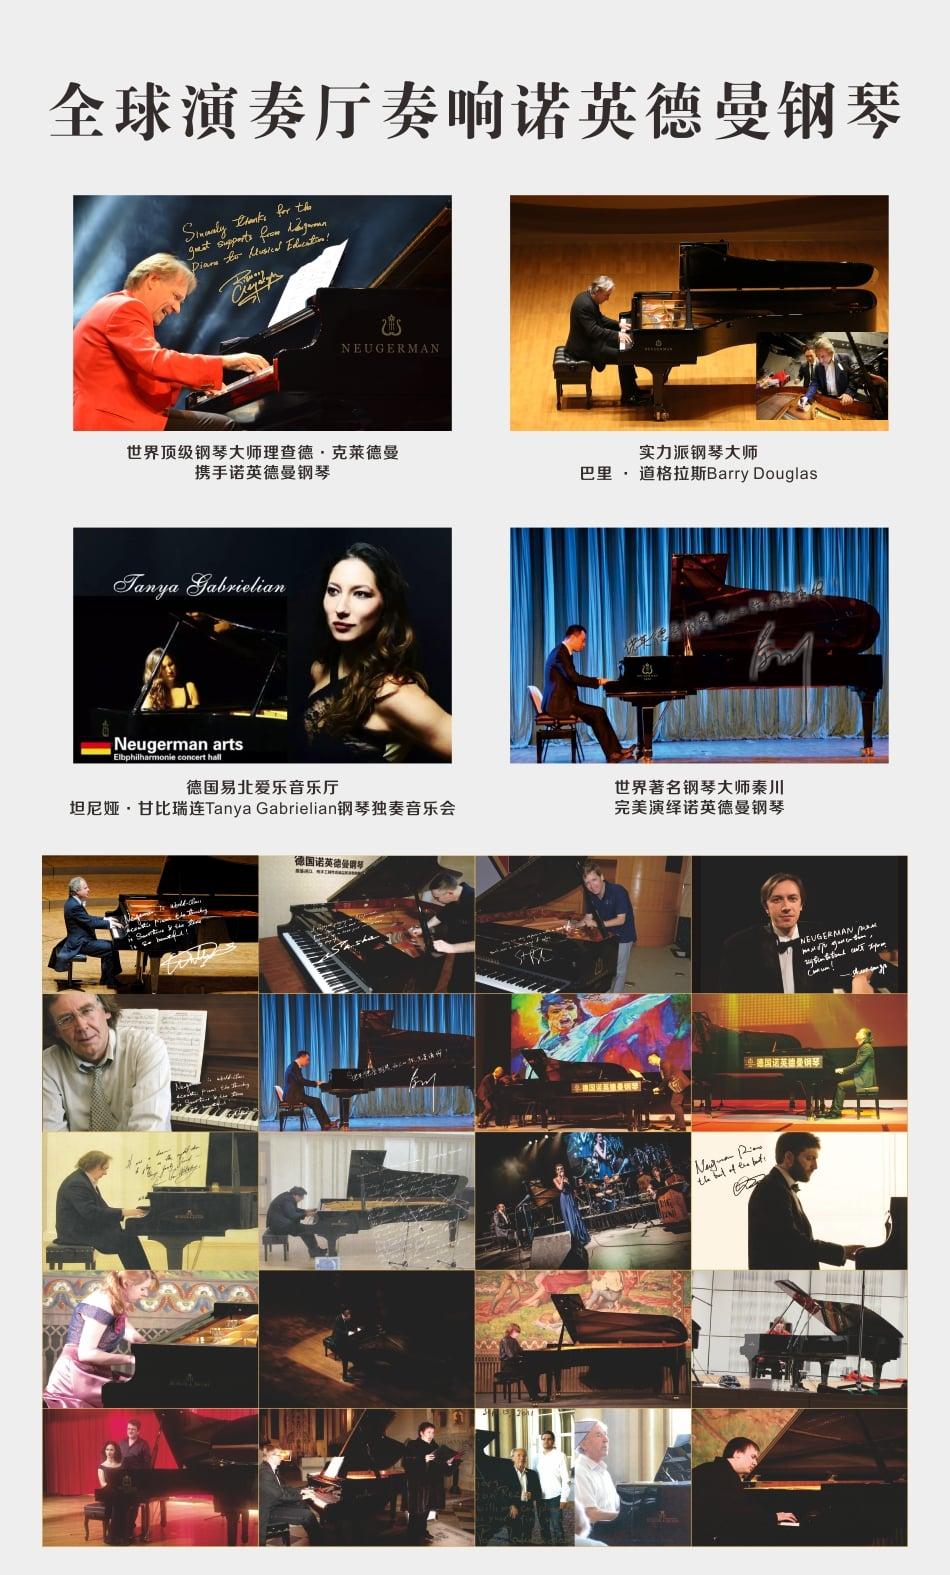 诺英德曼i3静音智能钢琴